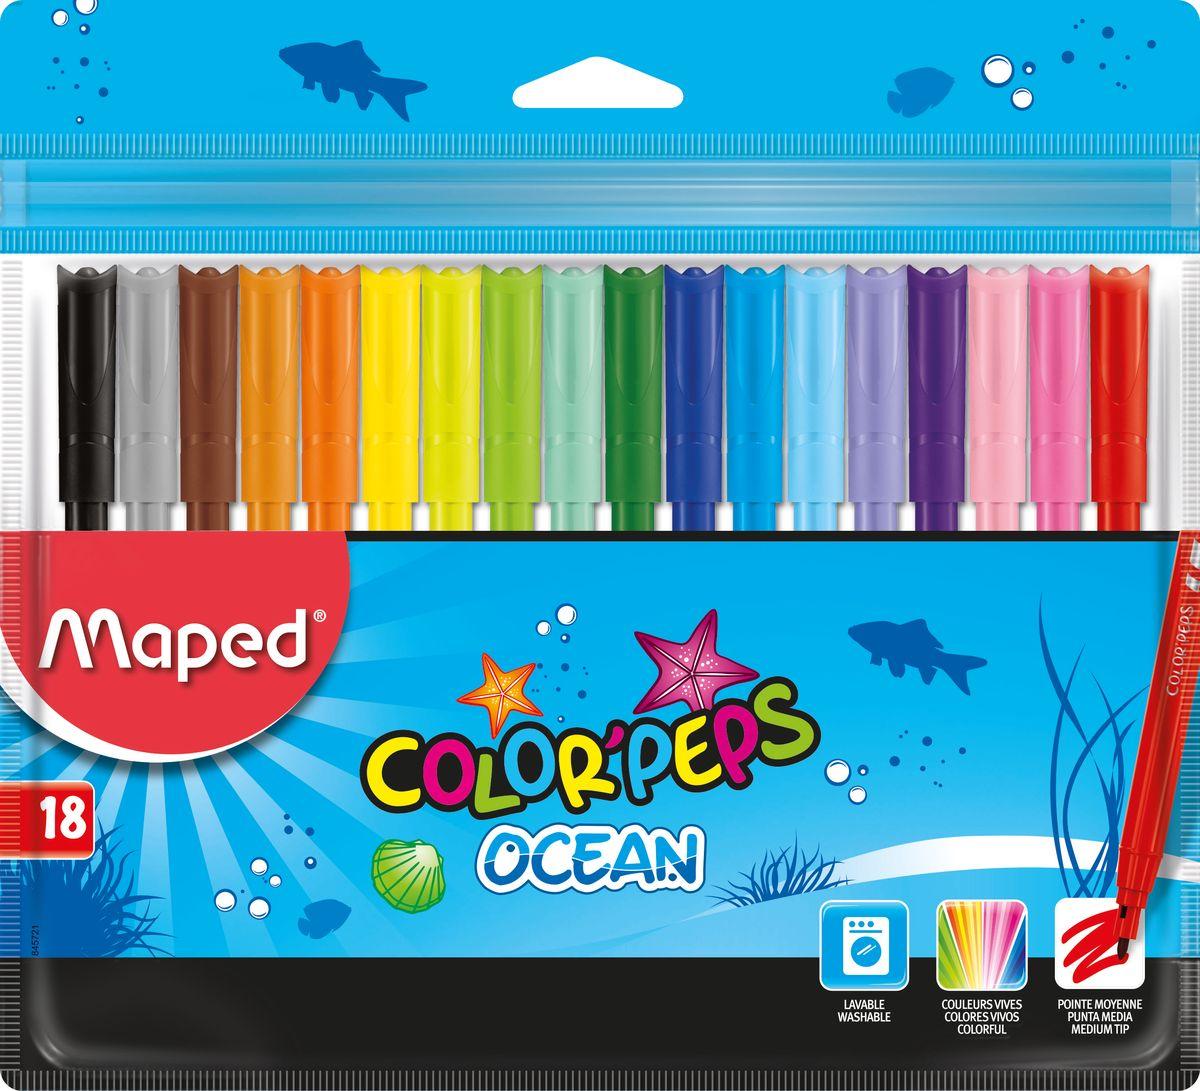 Maped Набор фломастеров Colorpeps Ocean 18 цветовFS-00103Фломастеры с заблокированным пишущим узлом - супер смываемые, в пакете с подвесом 18 шт.